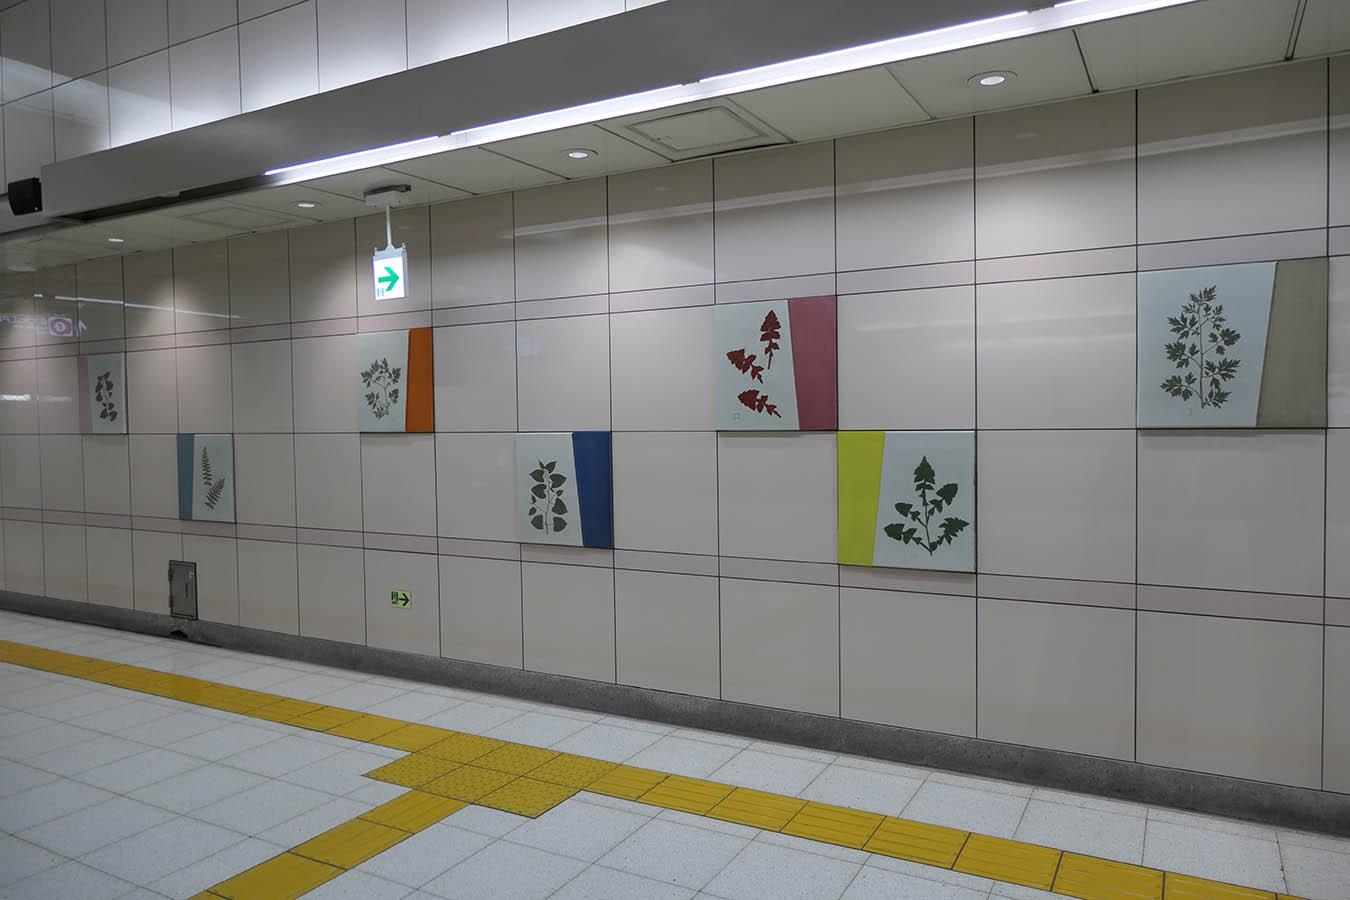 N11_photo08a.jpg